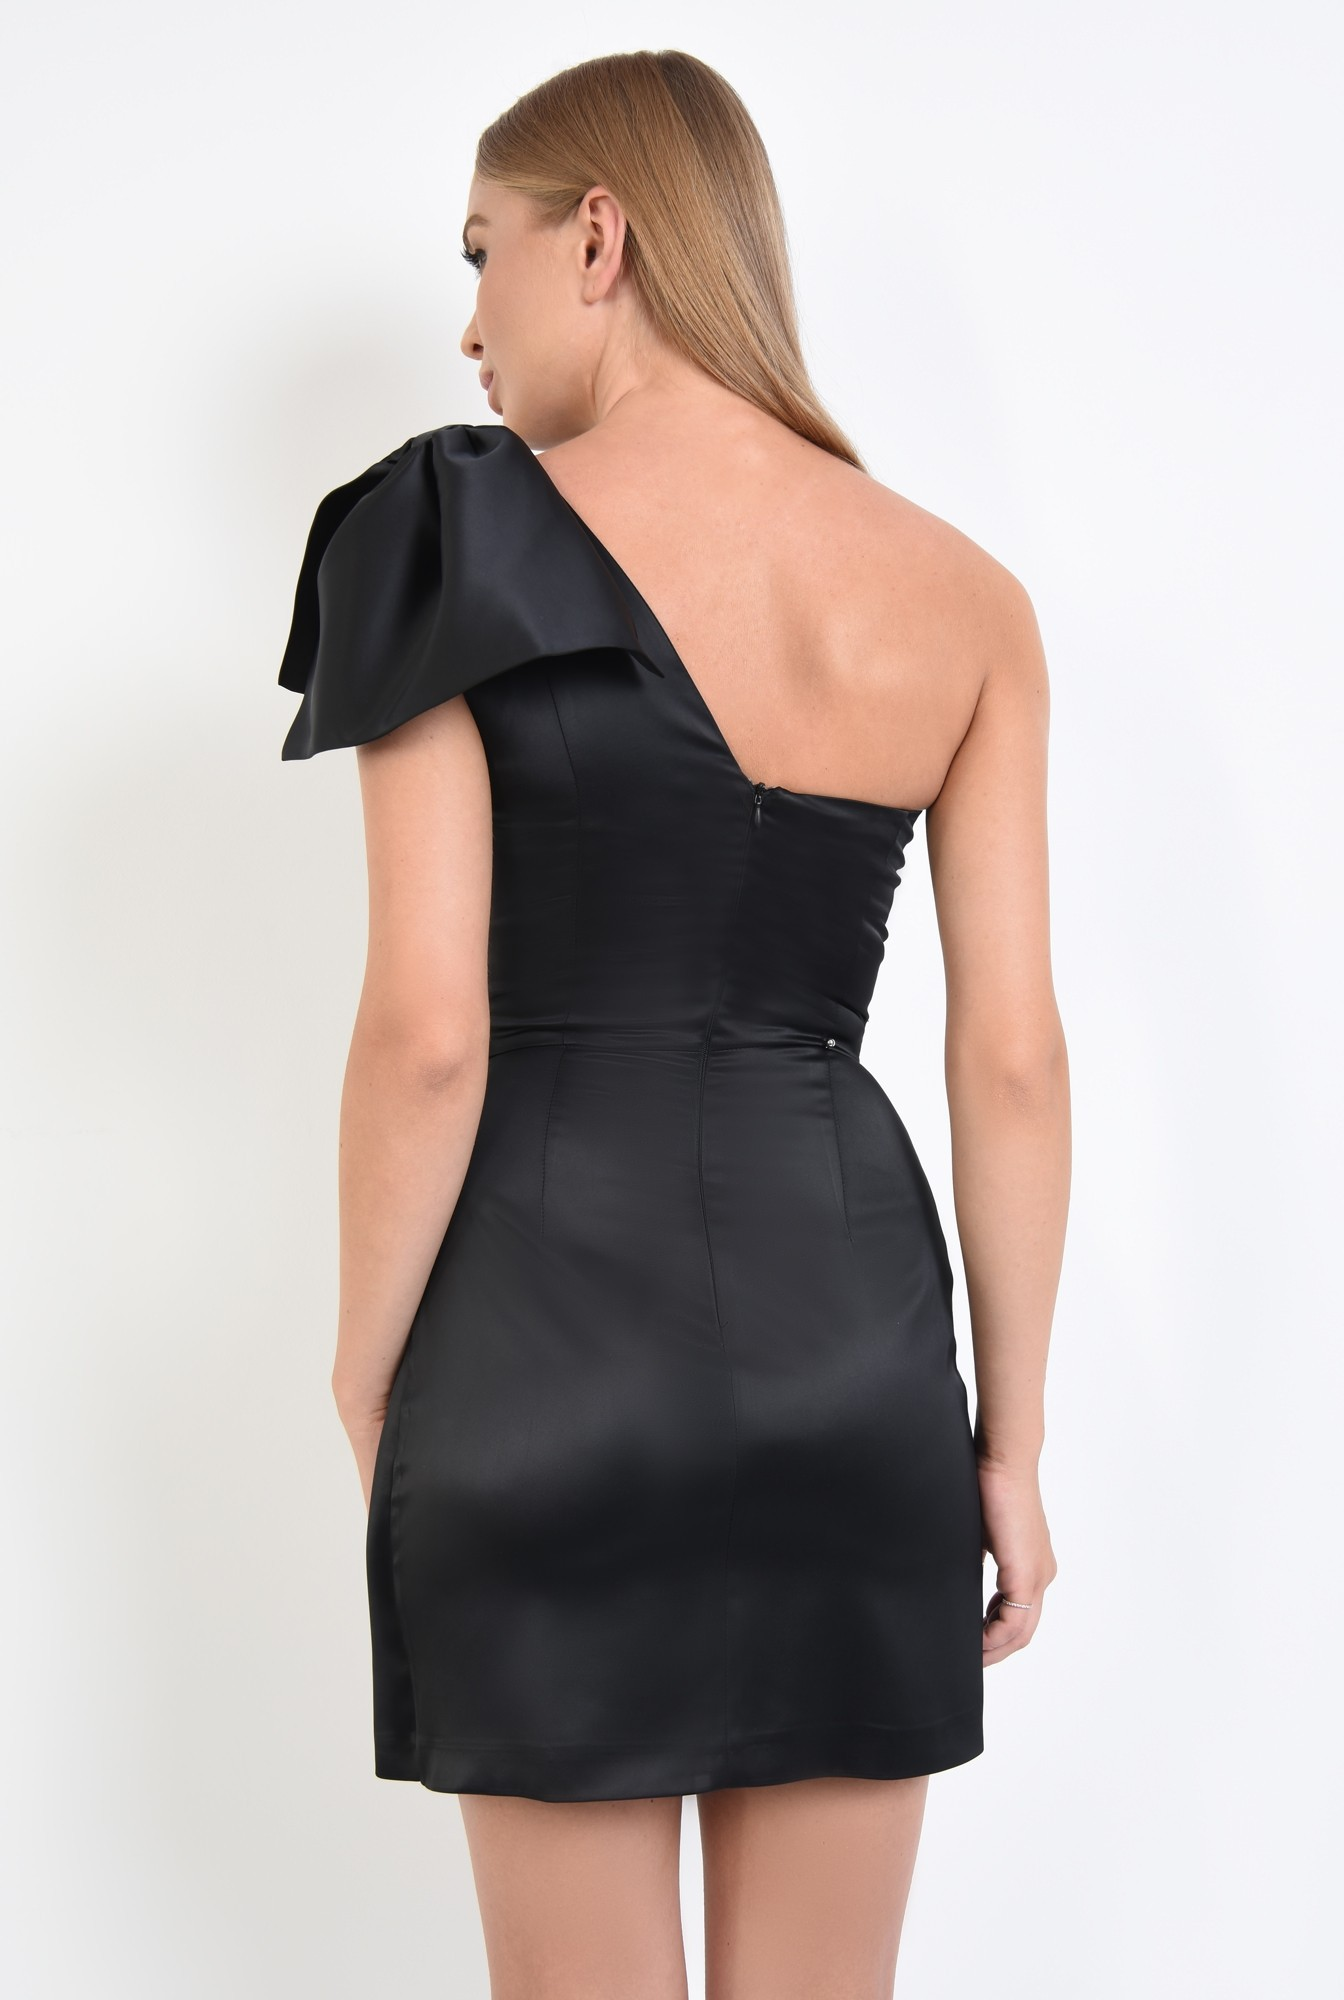 1 - rochie eleganta, mini, satin, centura metalica, decolteu